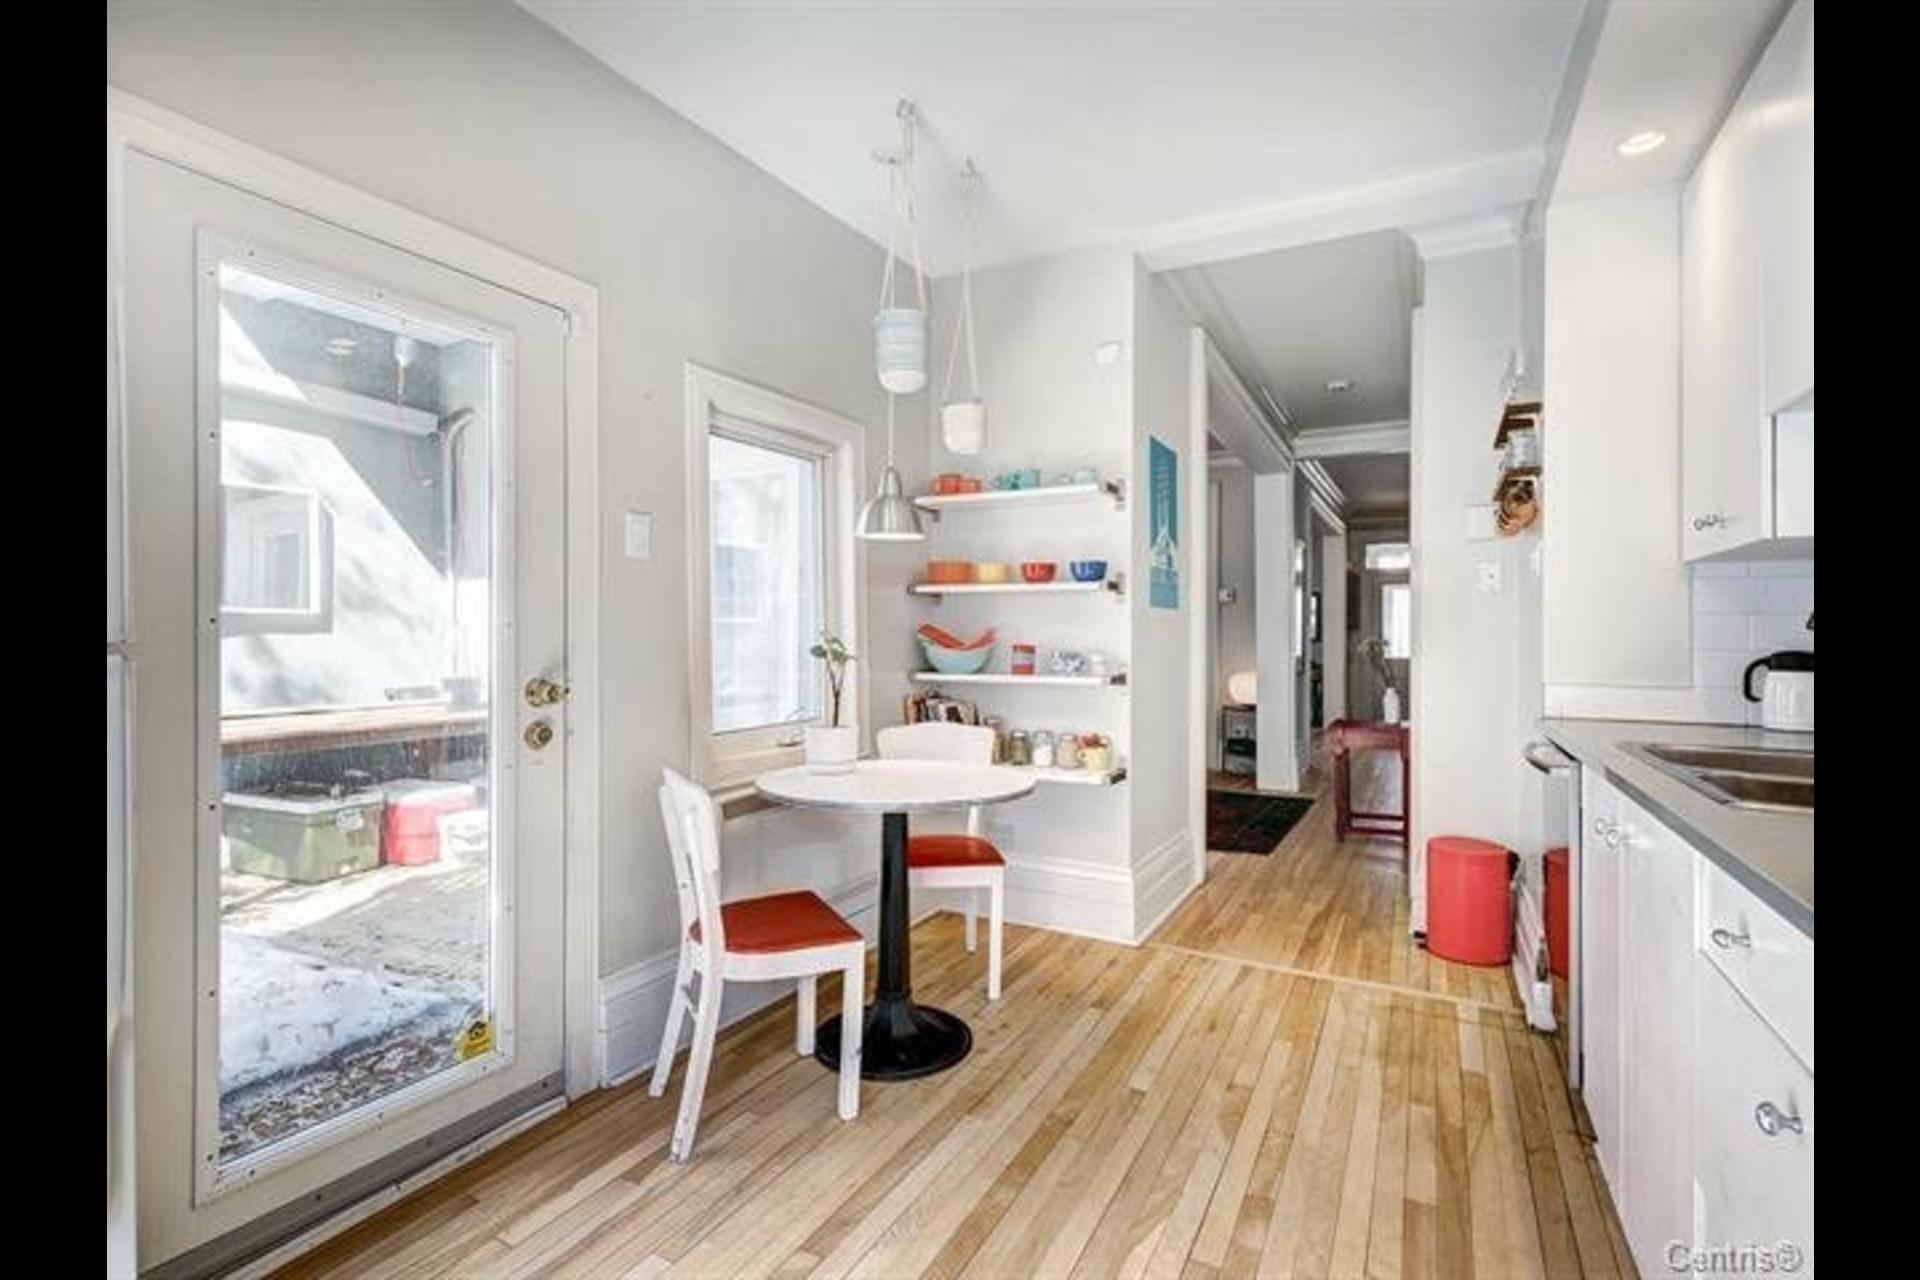 image 19 - Maison À vendre Le Plateau-Mont-Royal Montréal  - 6 pièces